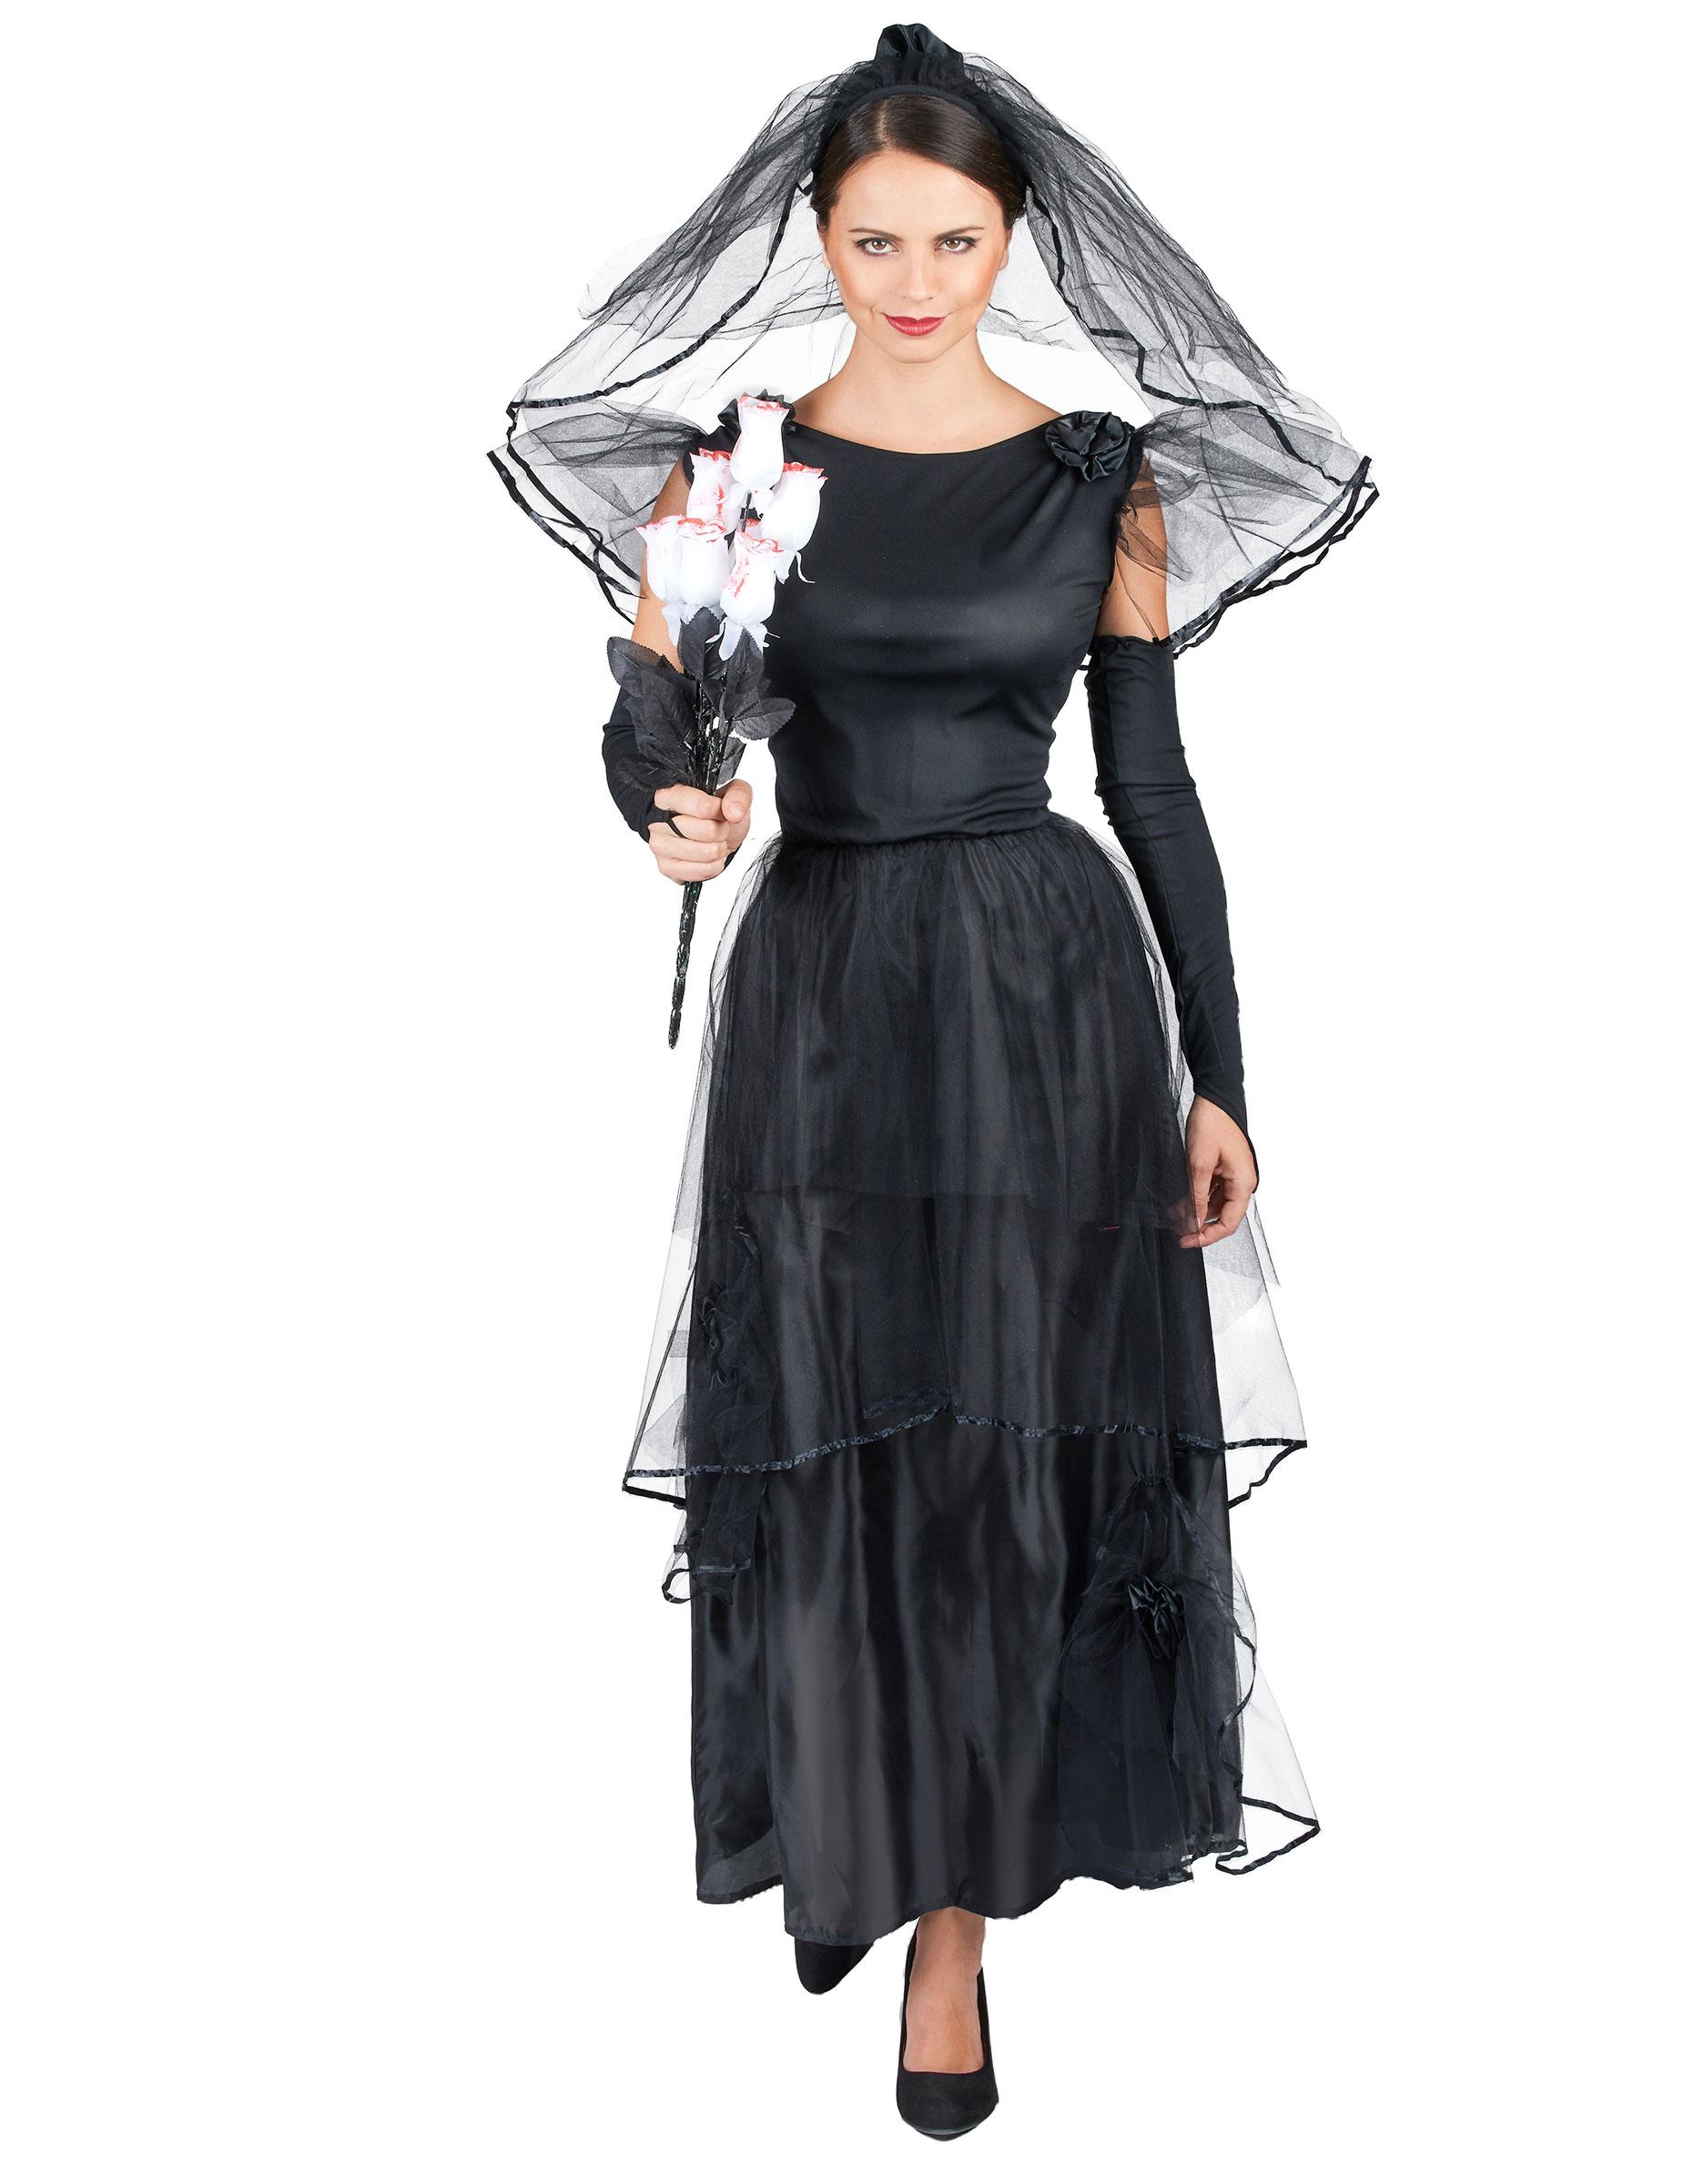 Dunkle Braut Halloween-Kostüm schwarz